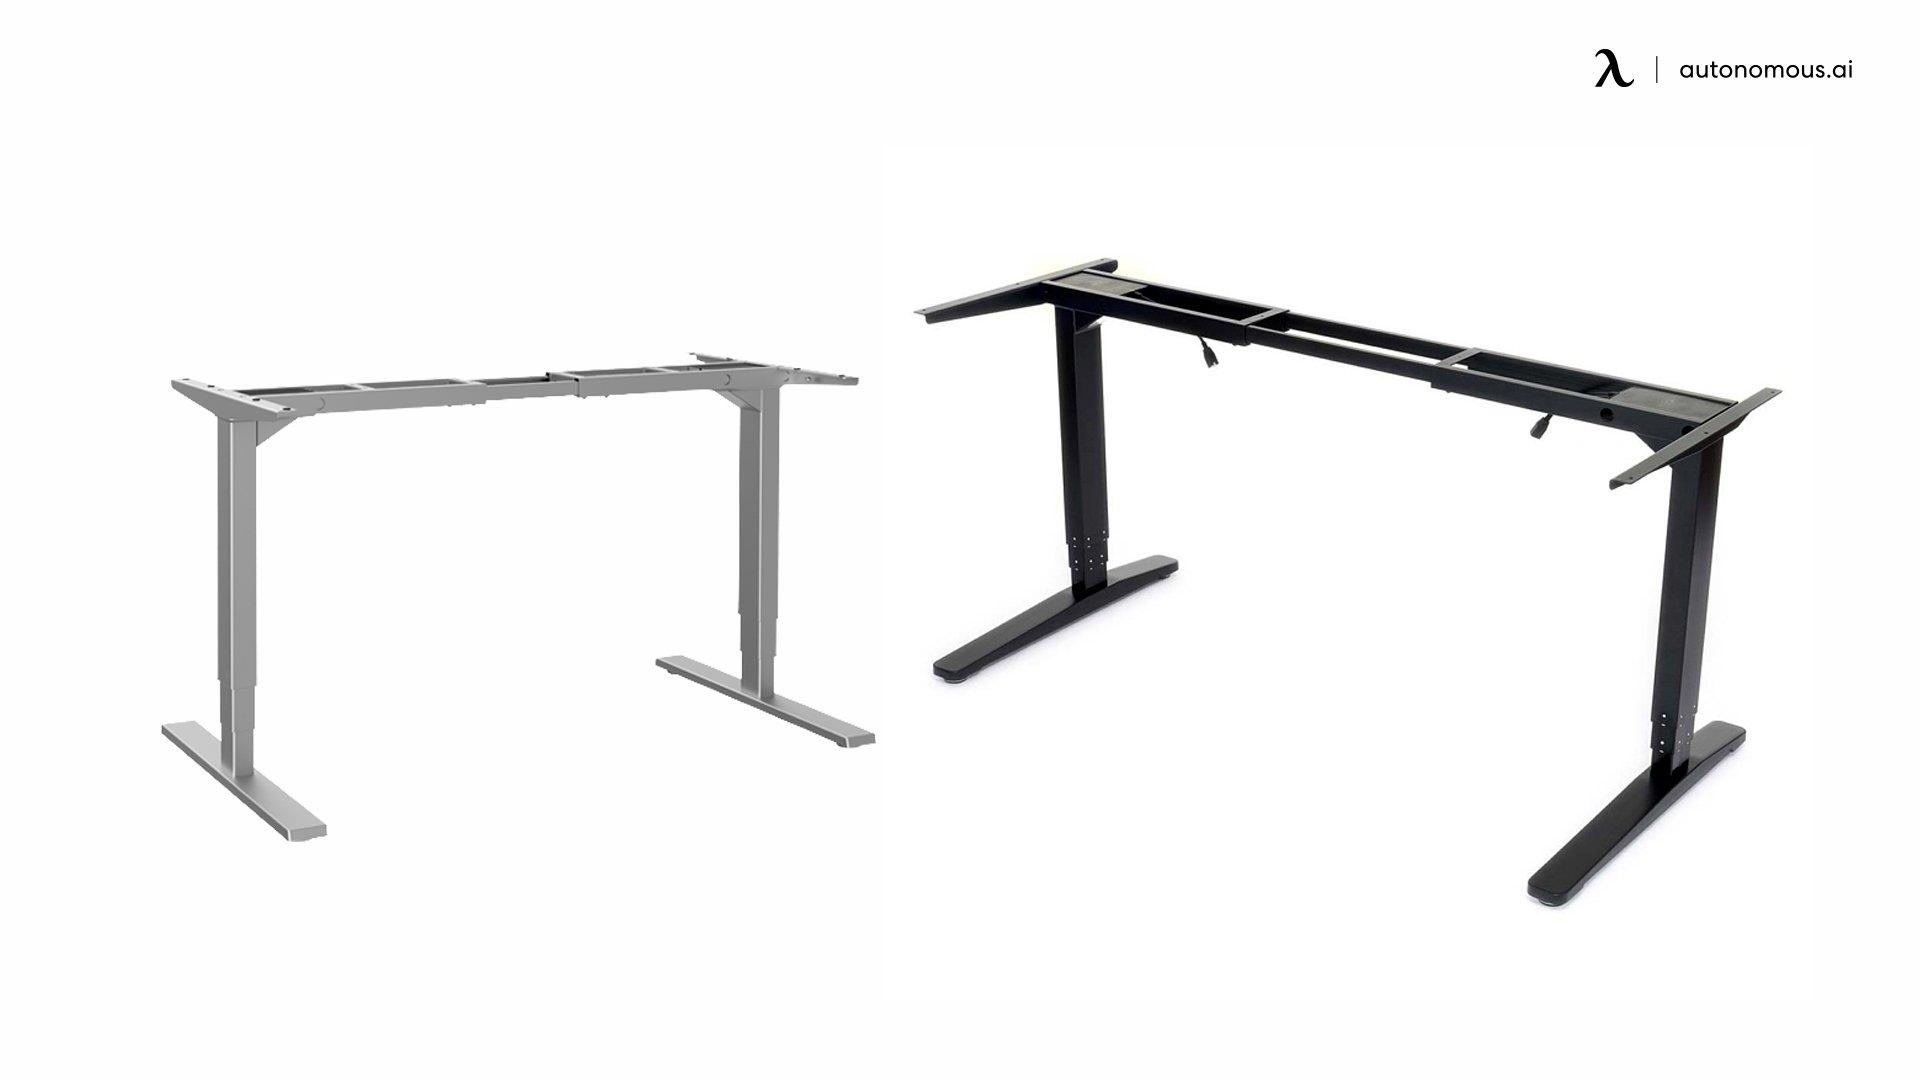 Jiecang Electric Adjustable Standing Desk